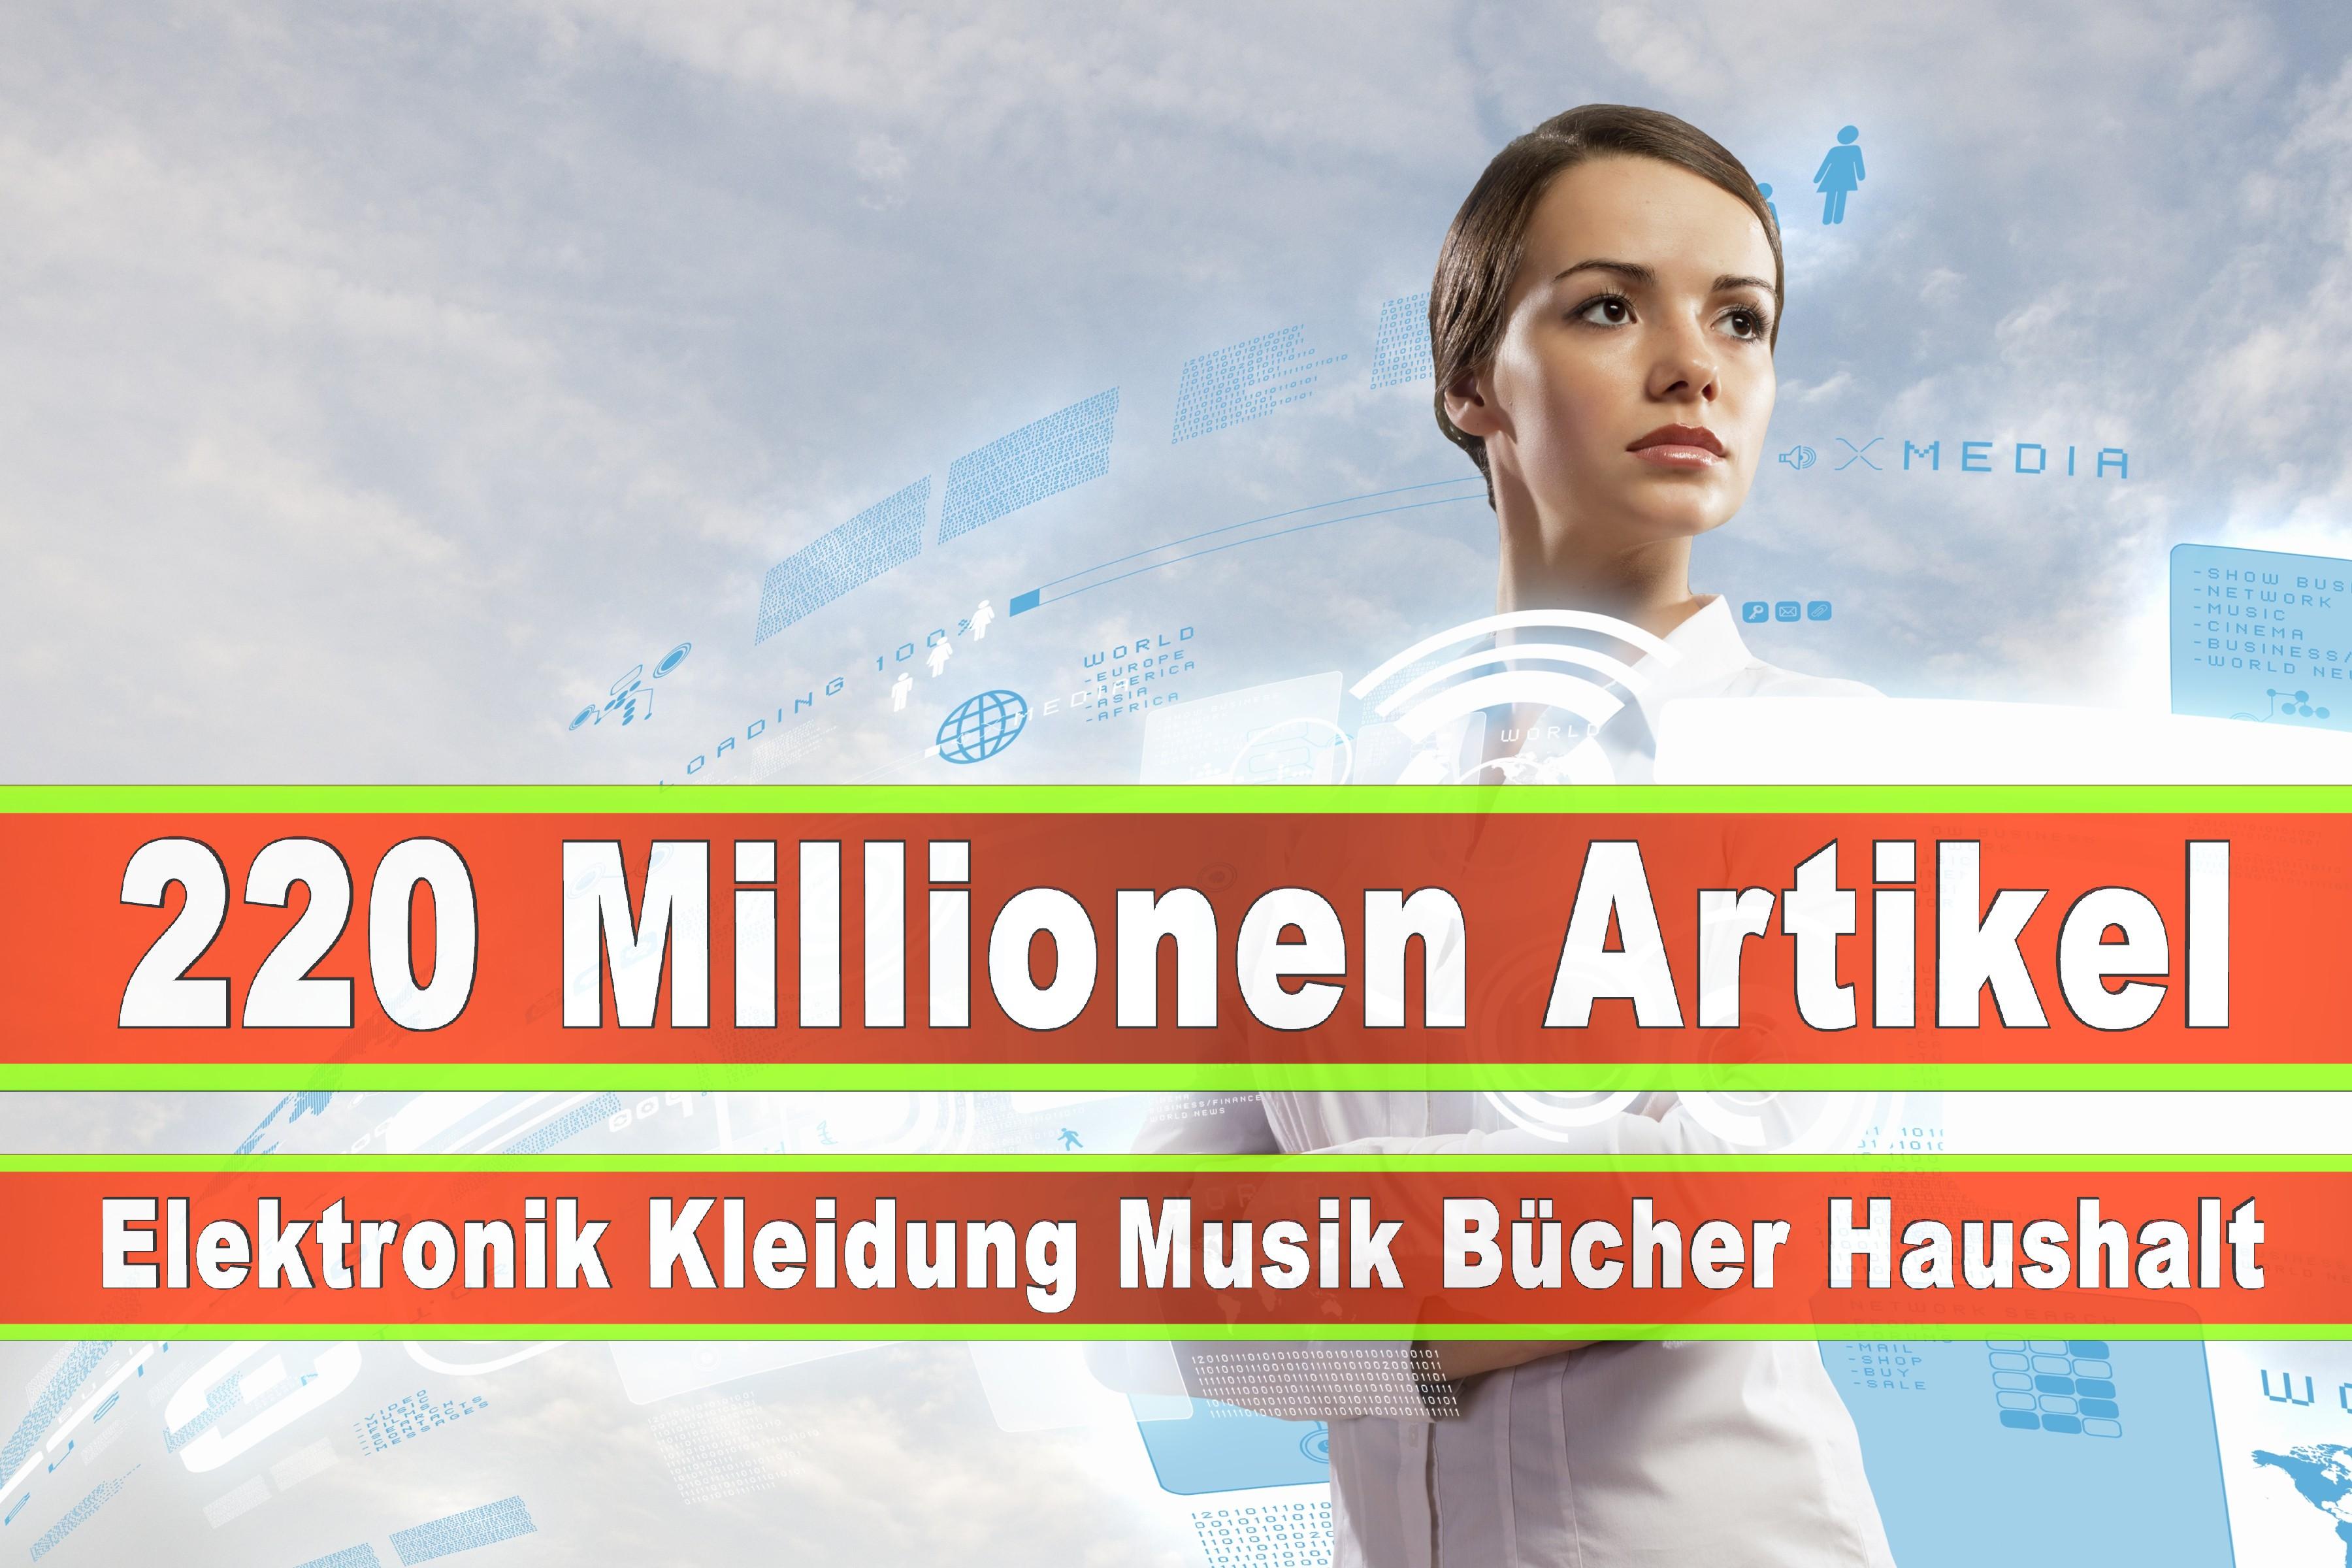 Amazon Elektronik Musik Haushalt Bücher CD DVD Handys Smartphones TV Television Fernseher Kleidung Mode Ebay Versandhaus (32)